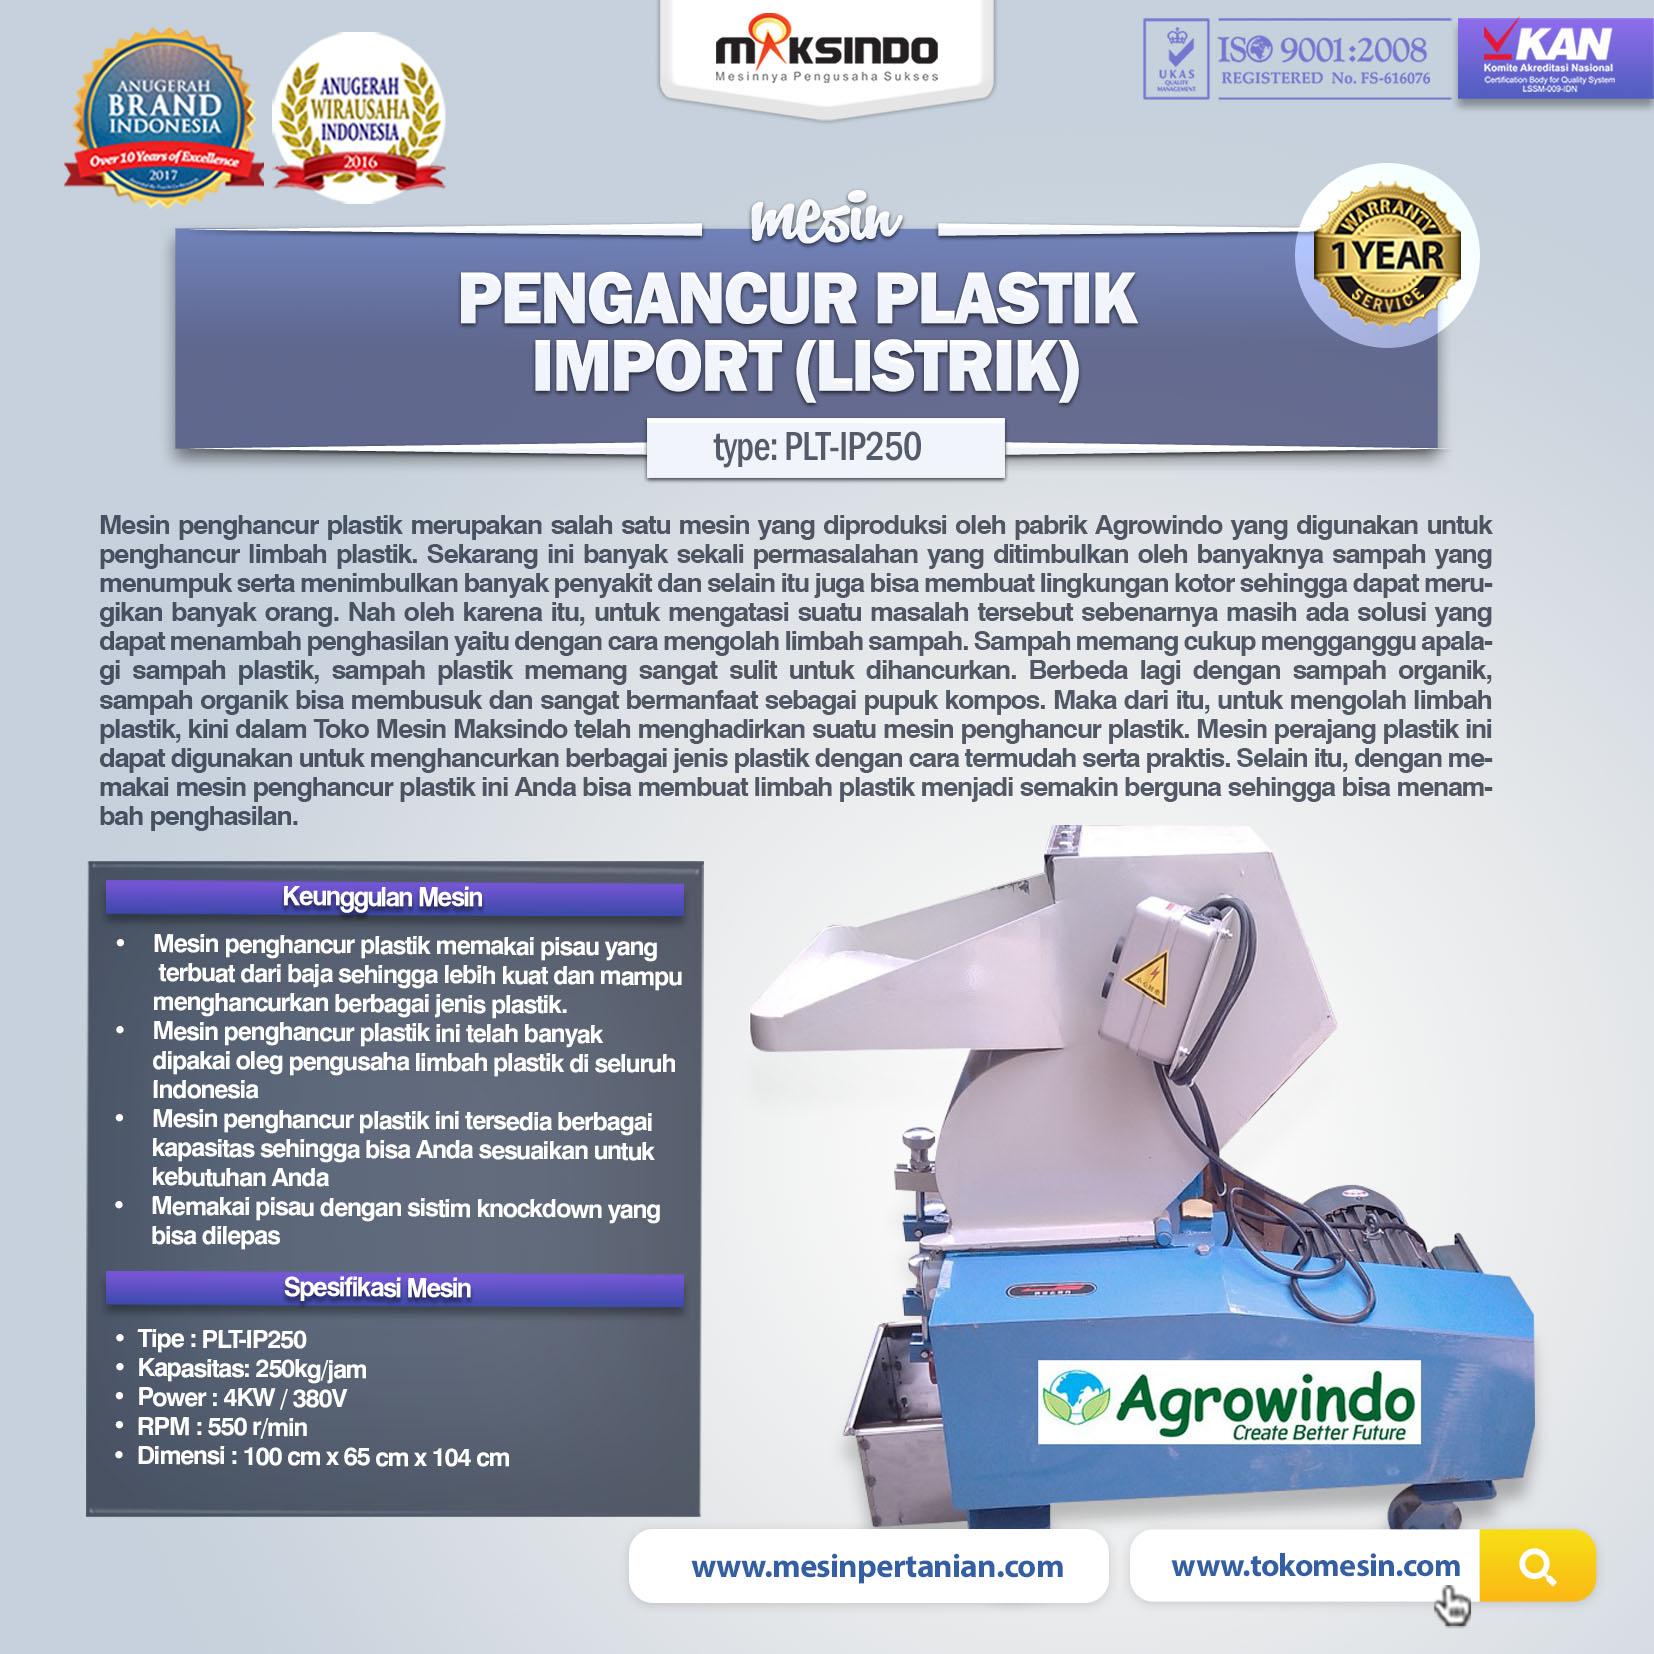 Mesin Pengancur Plastik Import (listrik) PLT-IP250